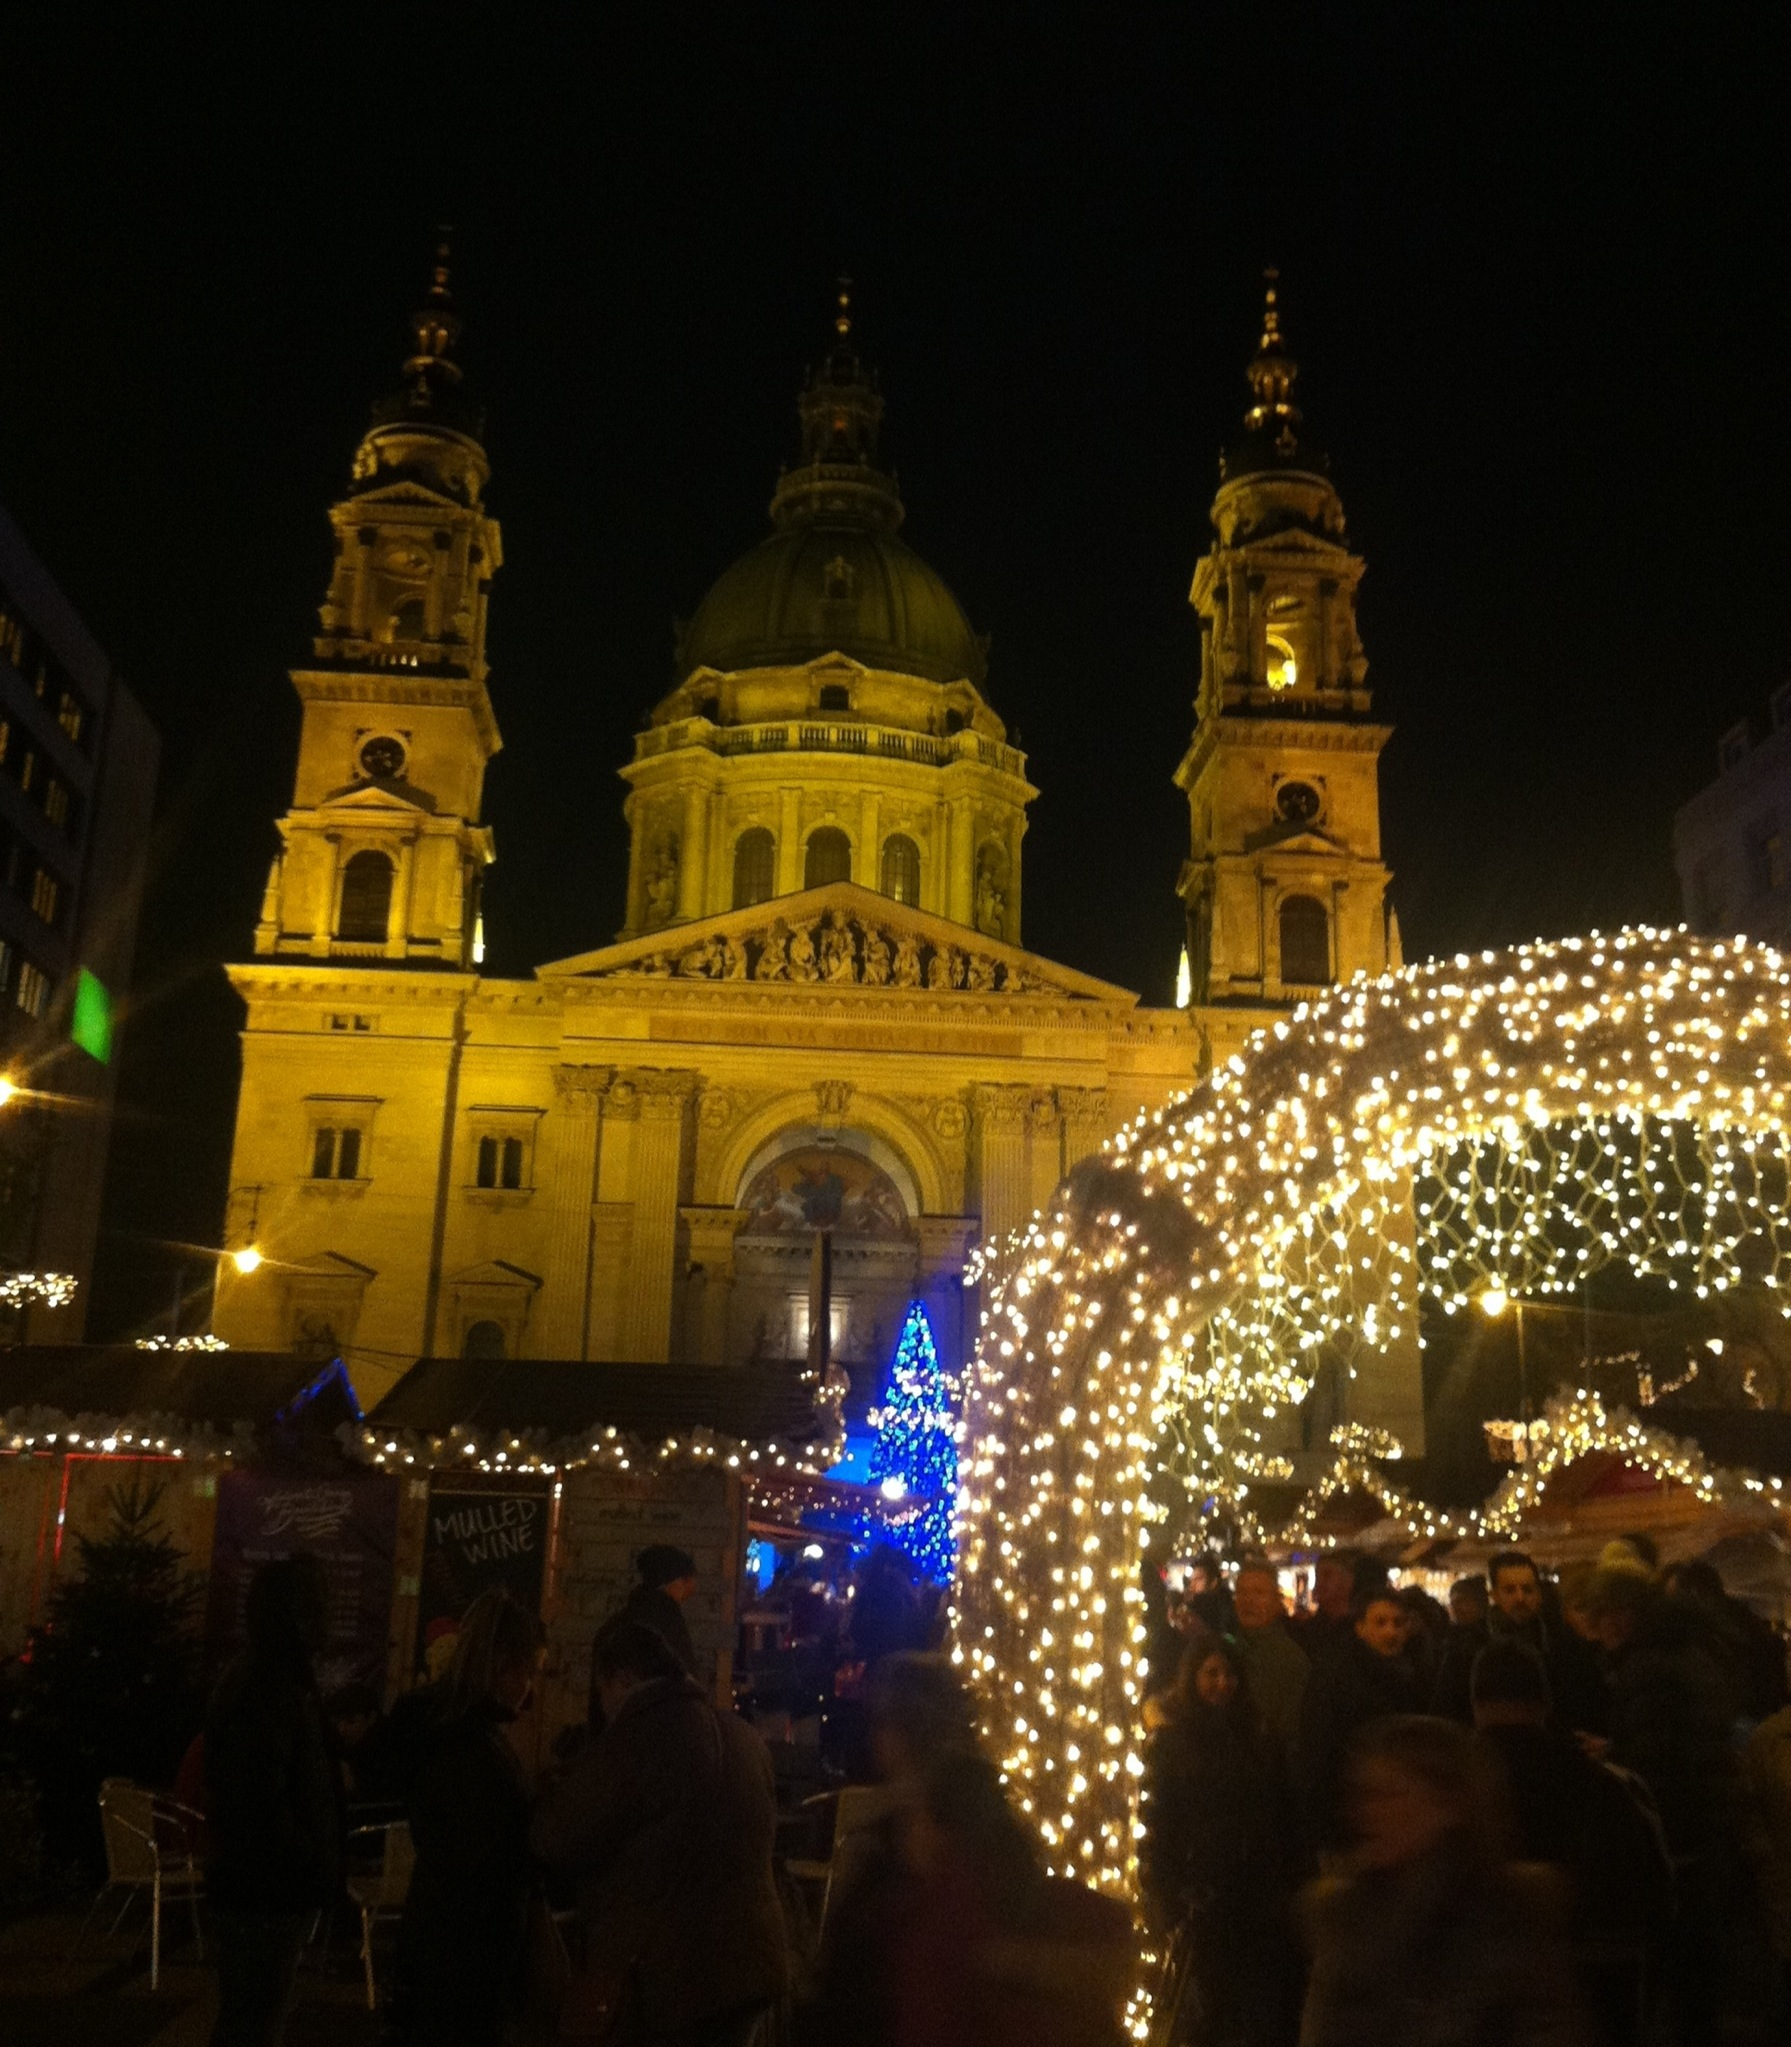 Julemarkedetet ved Basilikaen, som vi også var inde i. Pladsen ude foran var fyldt med hyggelige boder og der blev vist et lys show med musik på Basilikaen.